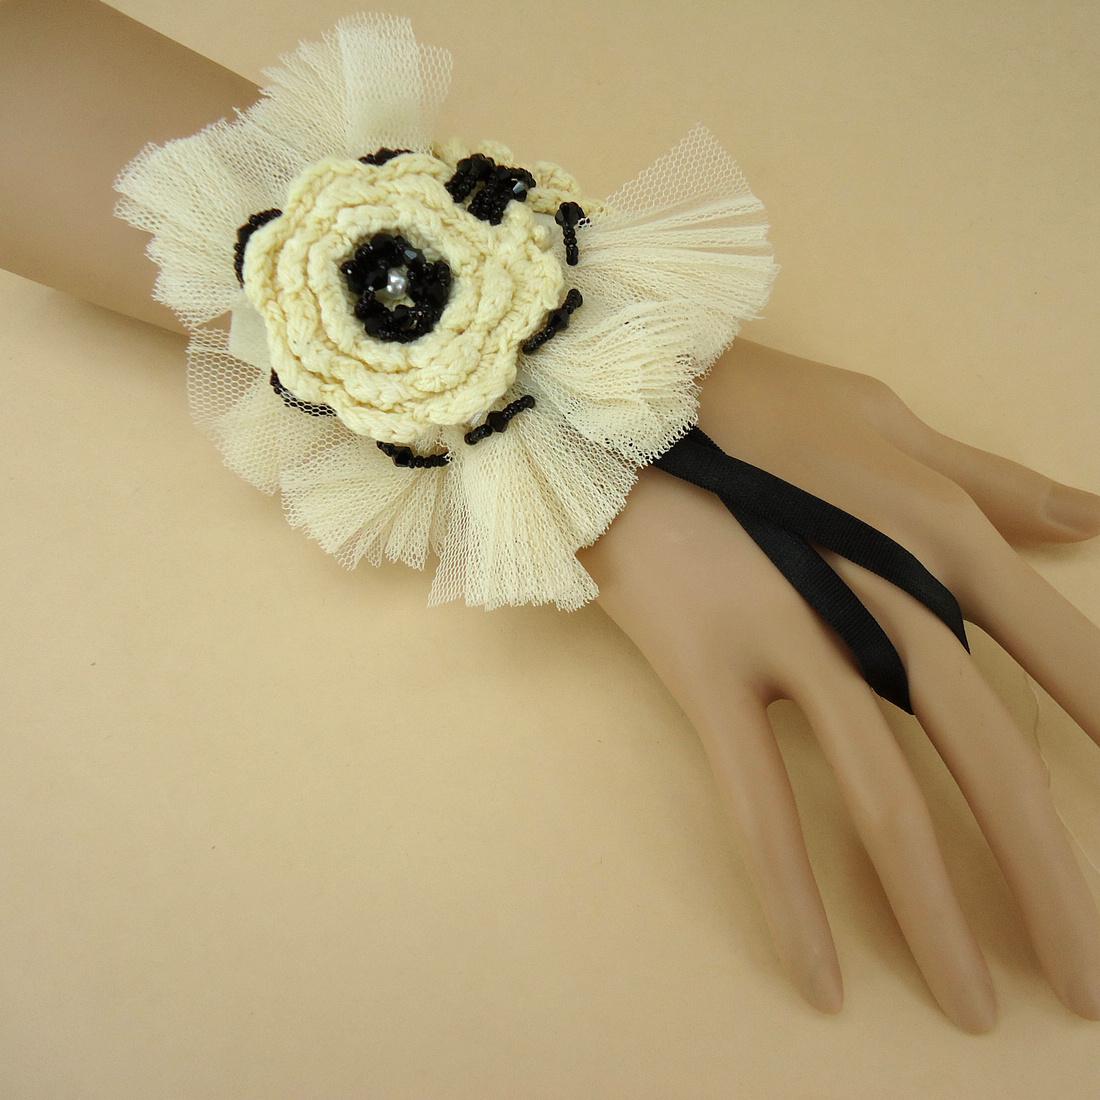 日韩欧美复古小清新配饰森系流行时尚蕾丝花朵手链 原创饰品